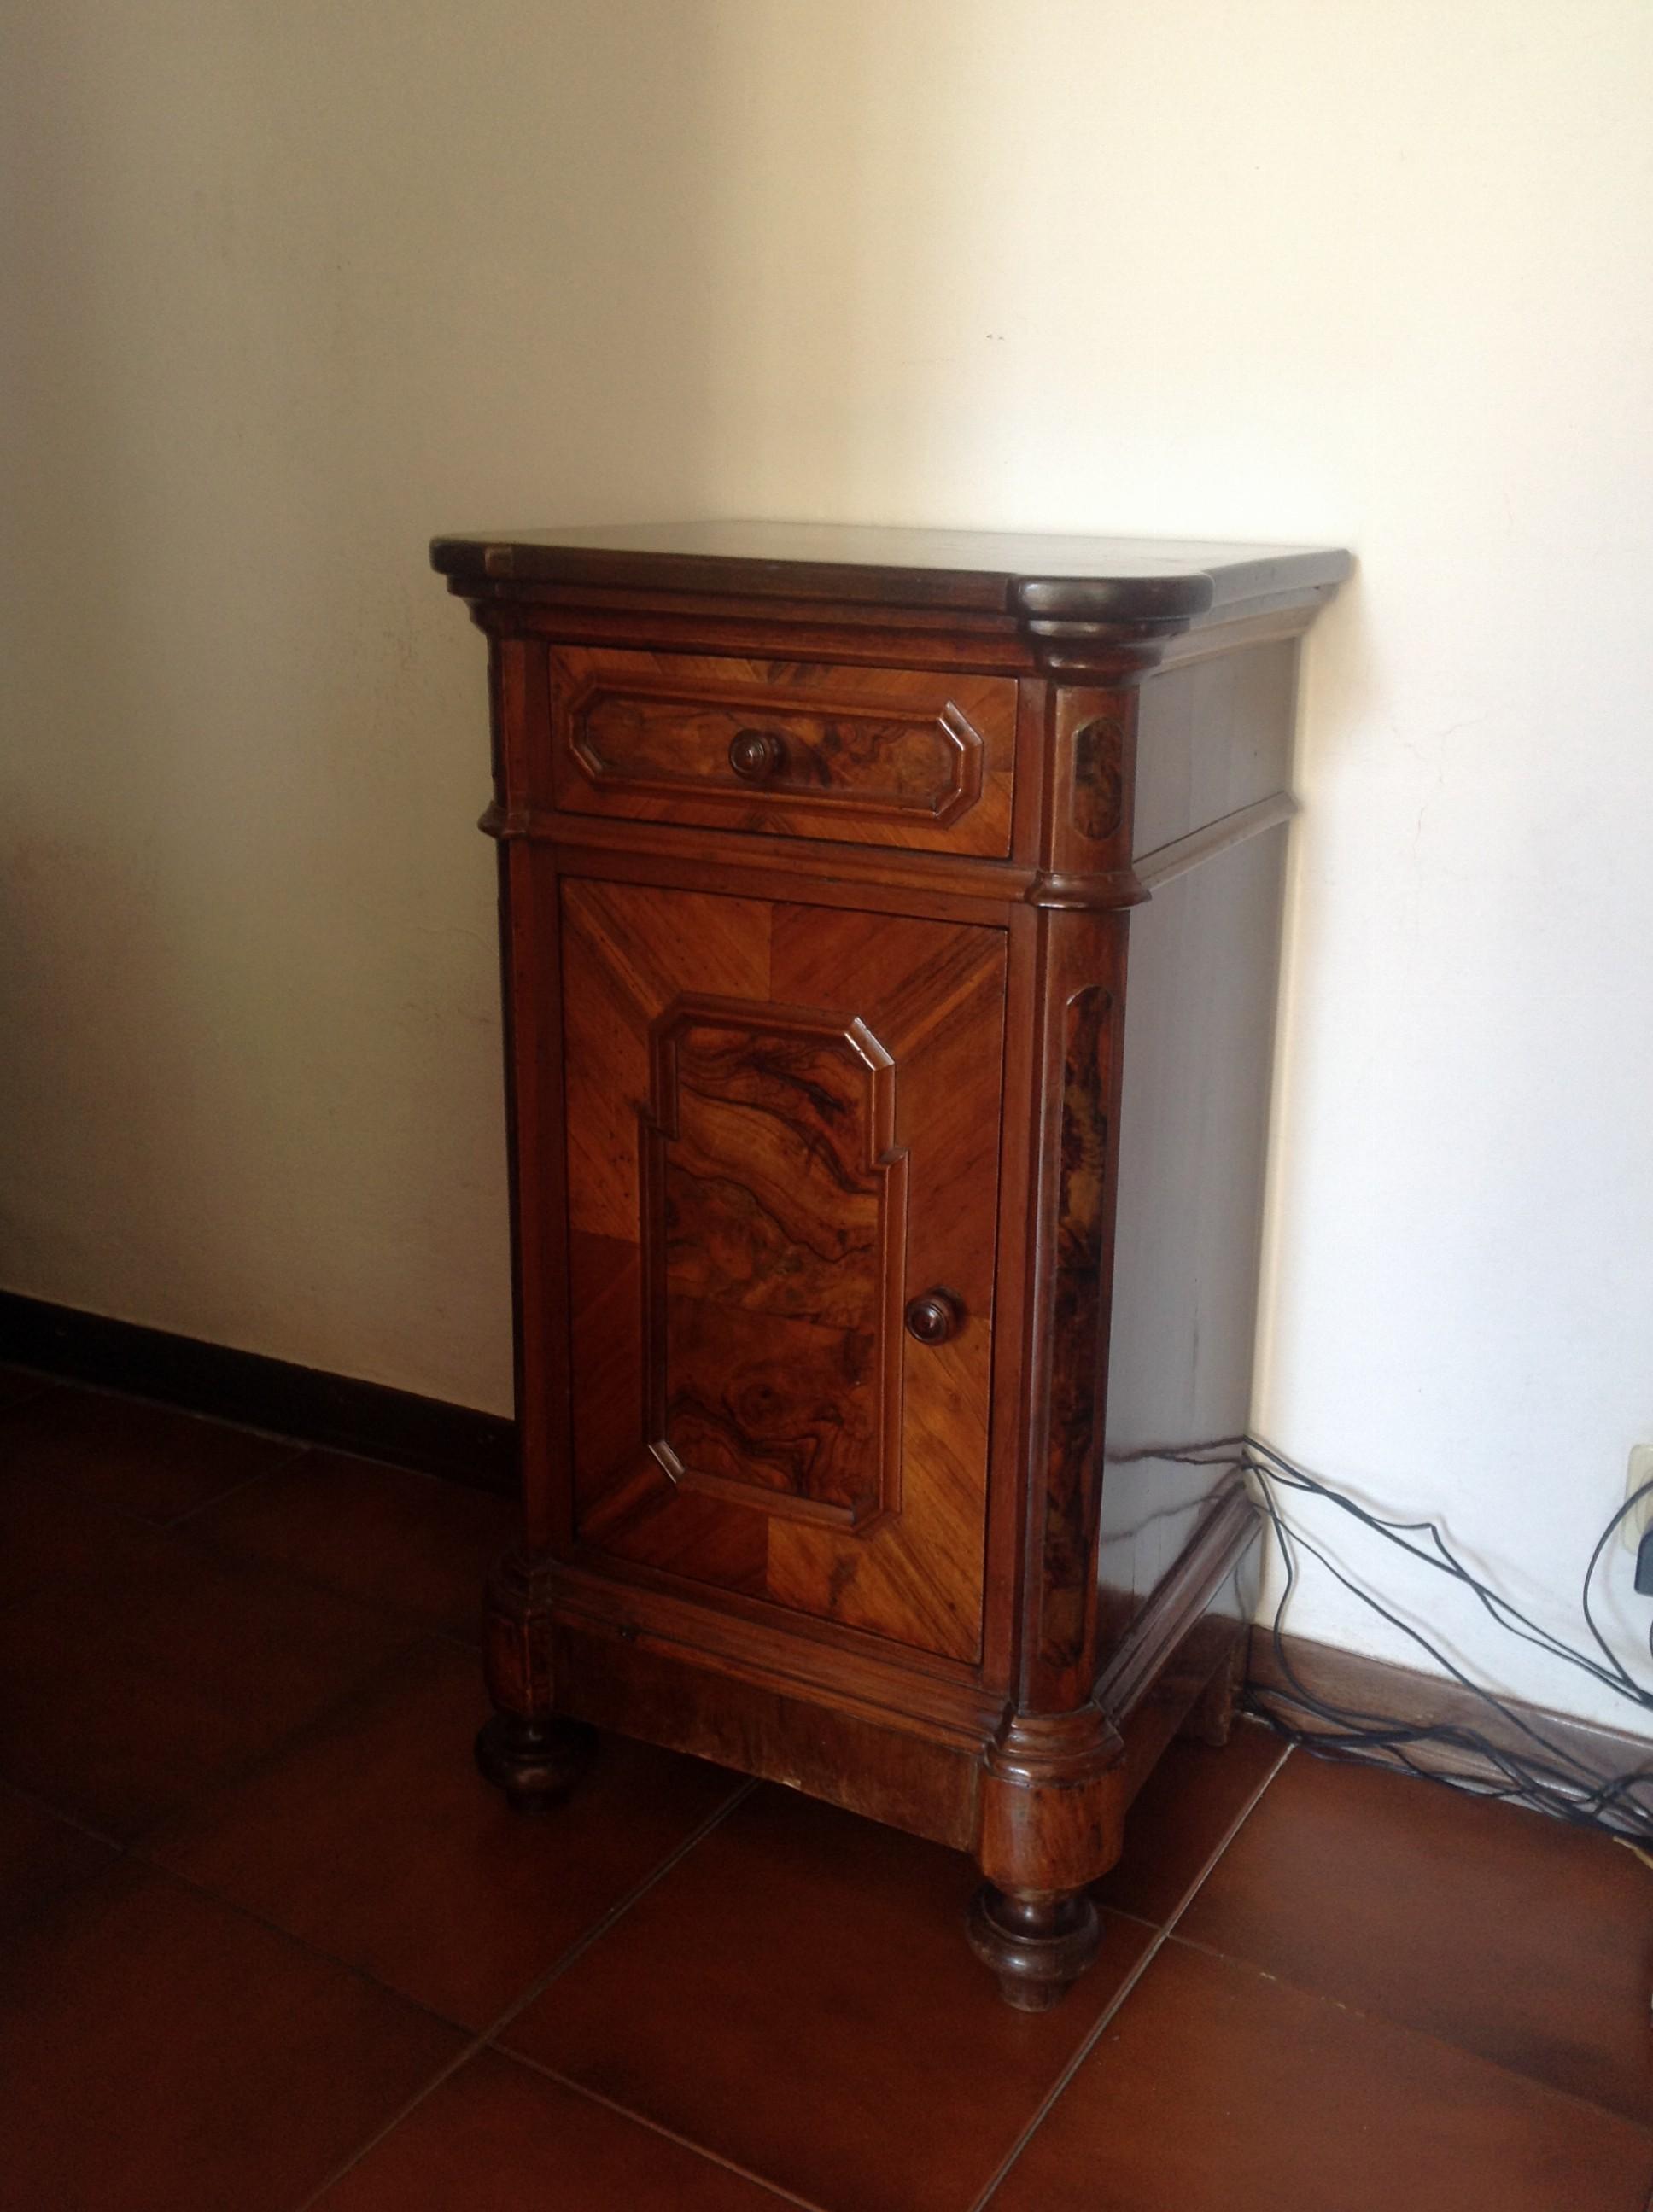 Comodino lombardia luigi filippo noce 800 arredamento mobili antiquariato musetti - Riconoscere mobili antichi ...